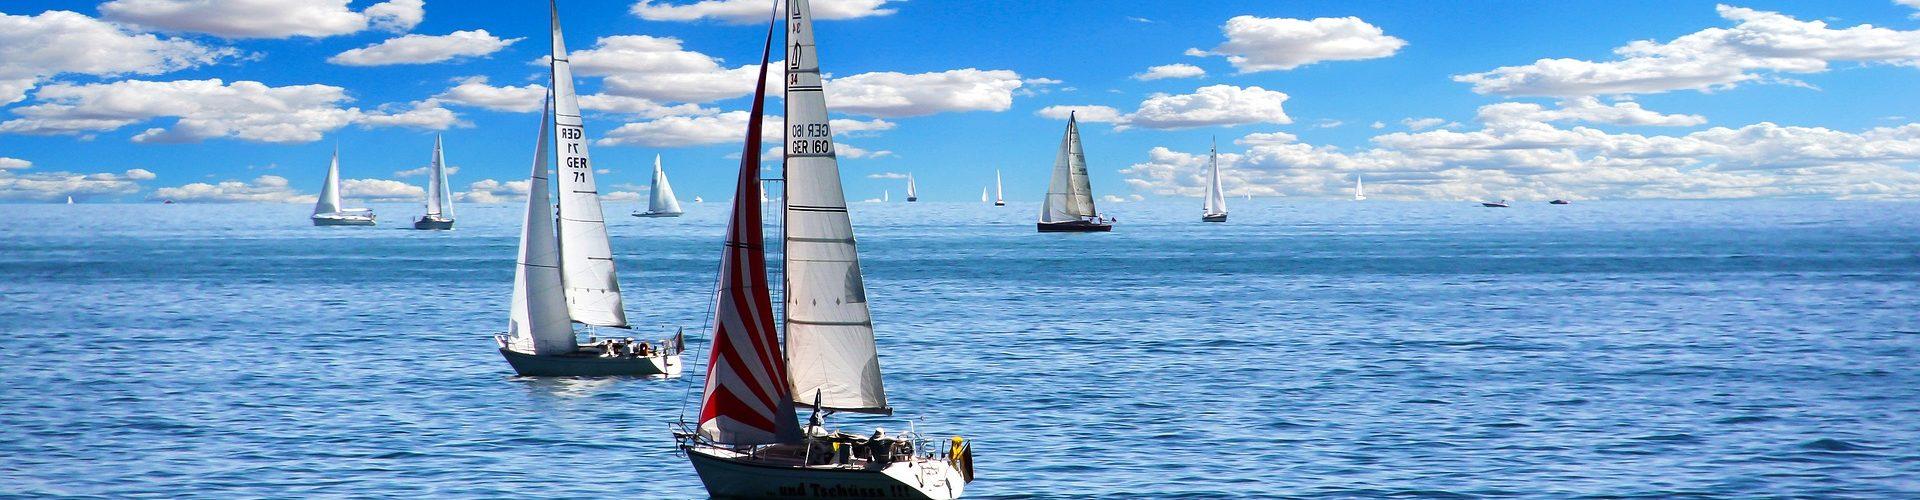 segeln lernen in Warendorf segelschein machen in Warendorf 1920x500 - Segeln lernen in Warendorf